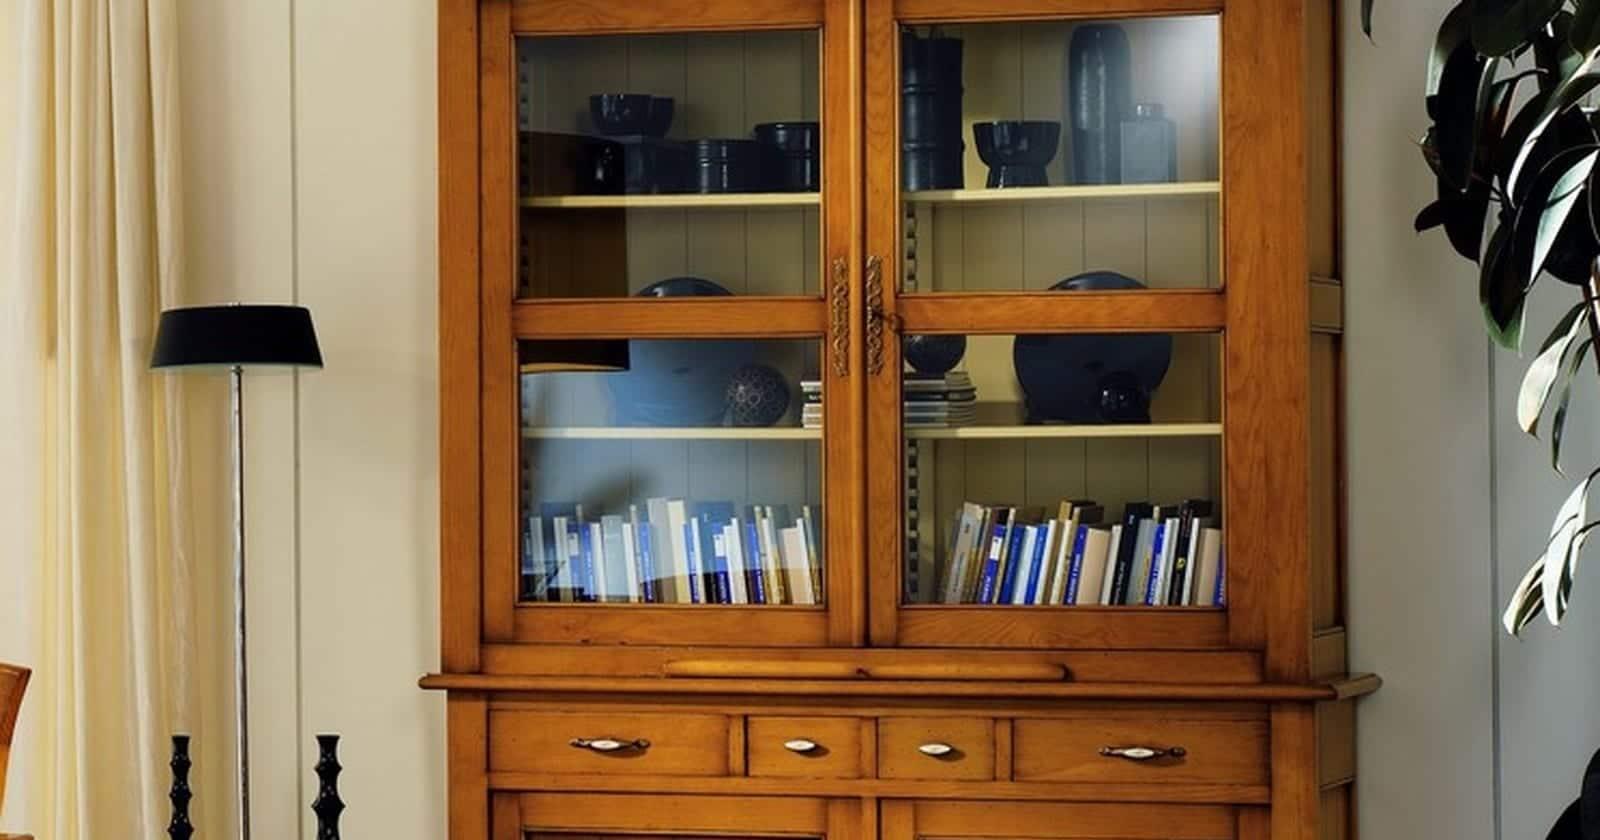 Consejos para limpiar tus muebles de madera maciza - Limpiar muebles de madera ...